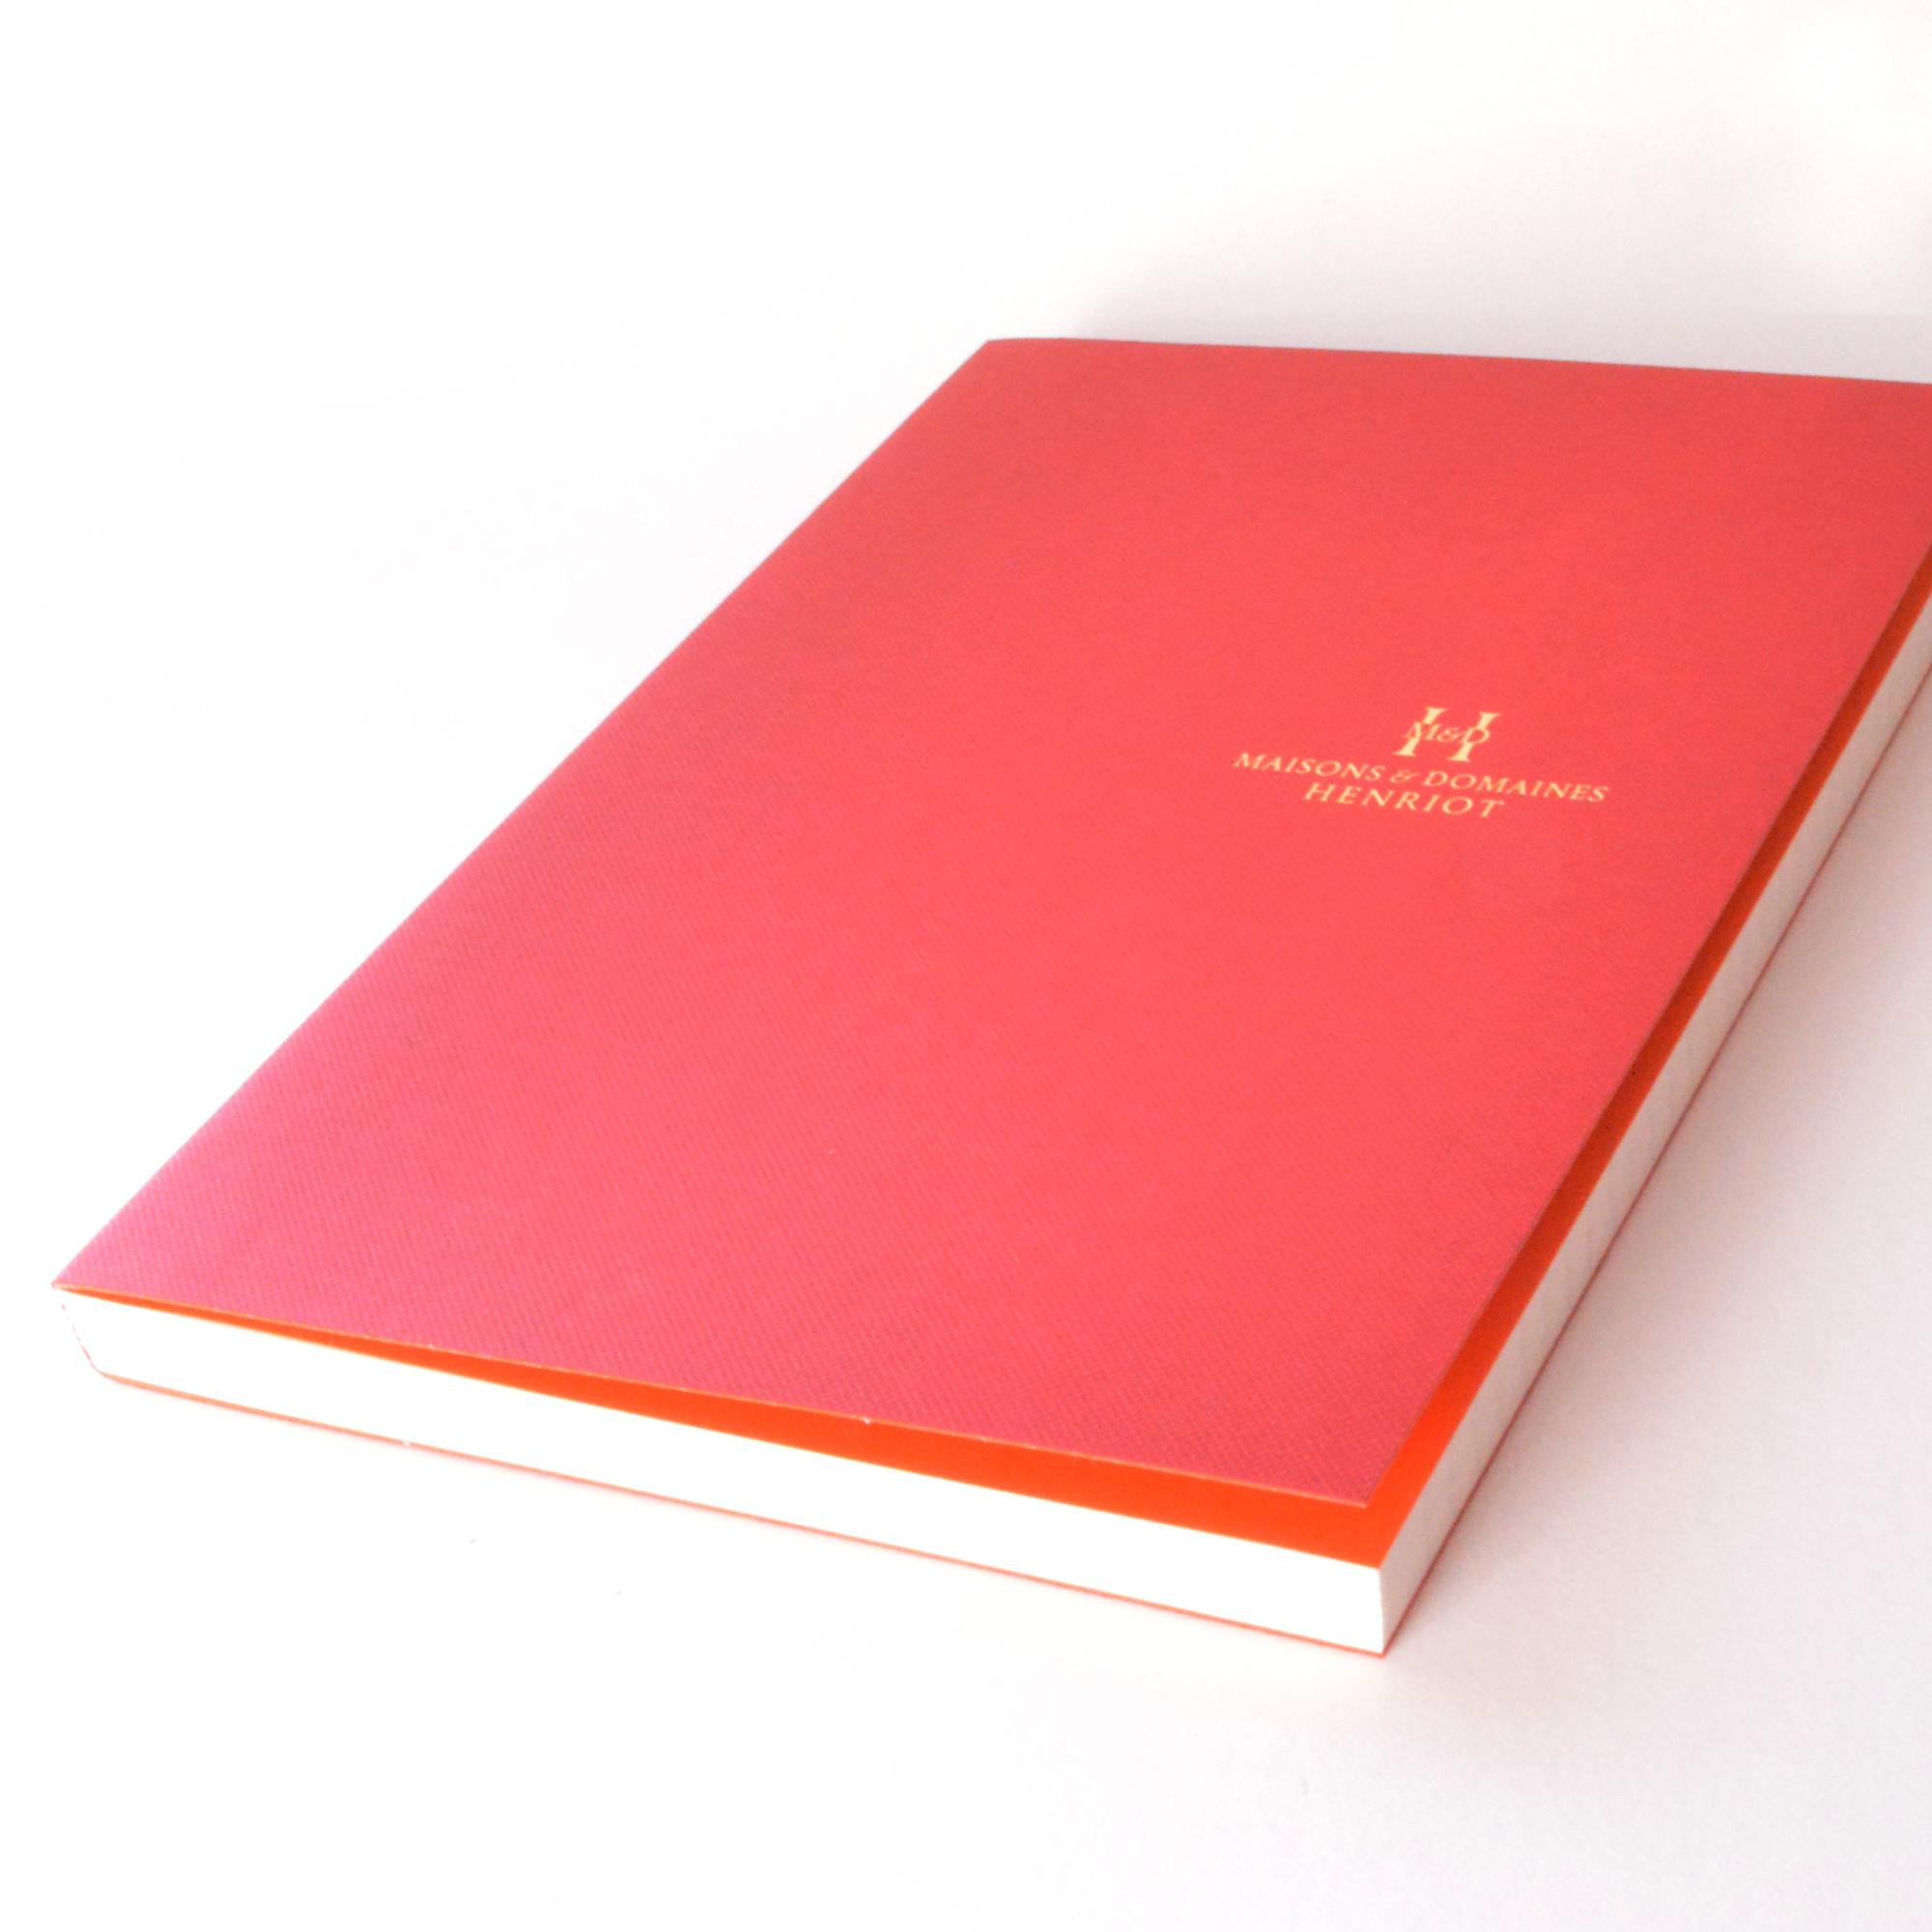 carnet avec page de garde - couverture papier imitlin tela